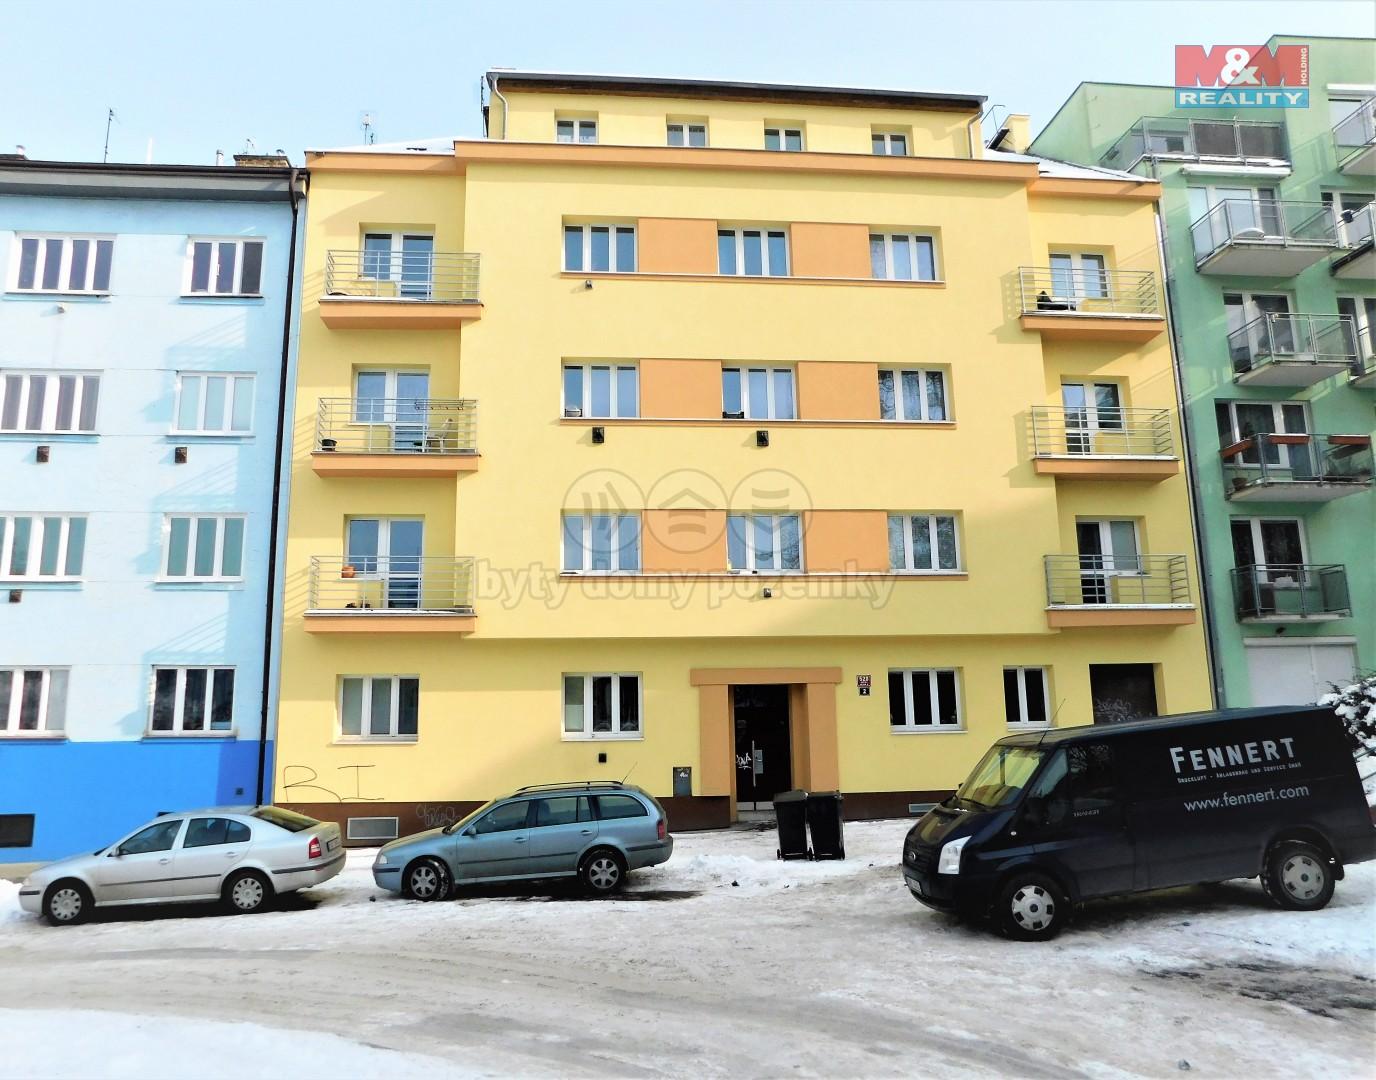 Pronájem bytu 1+1 v Praze, ul. Košířské náměstí